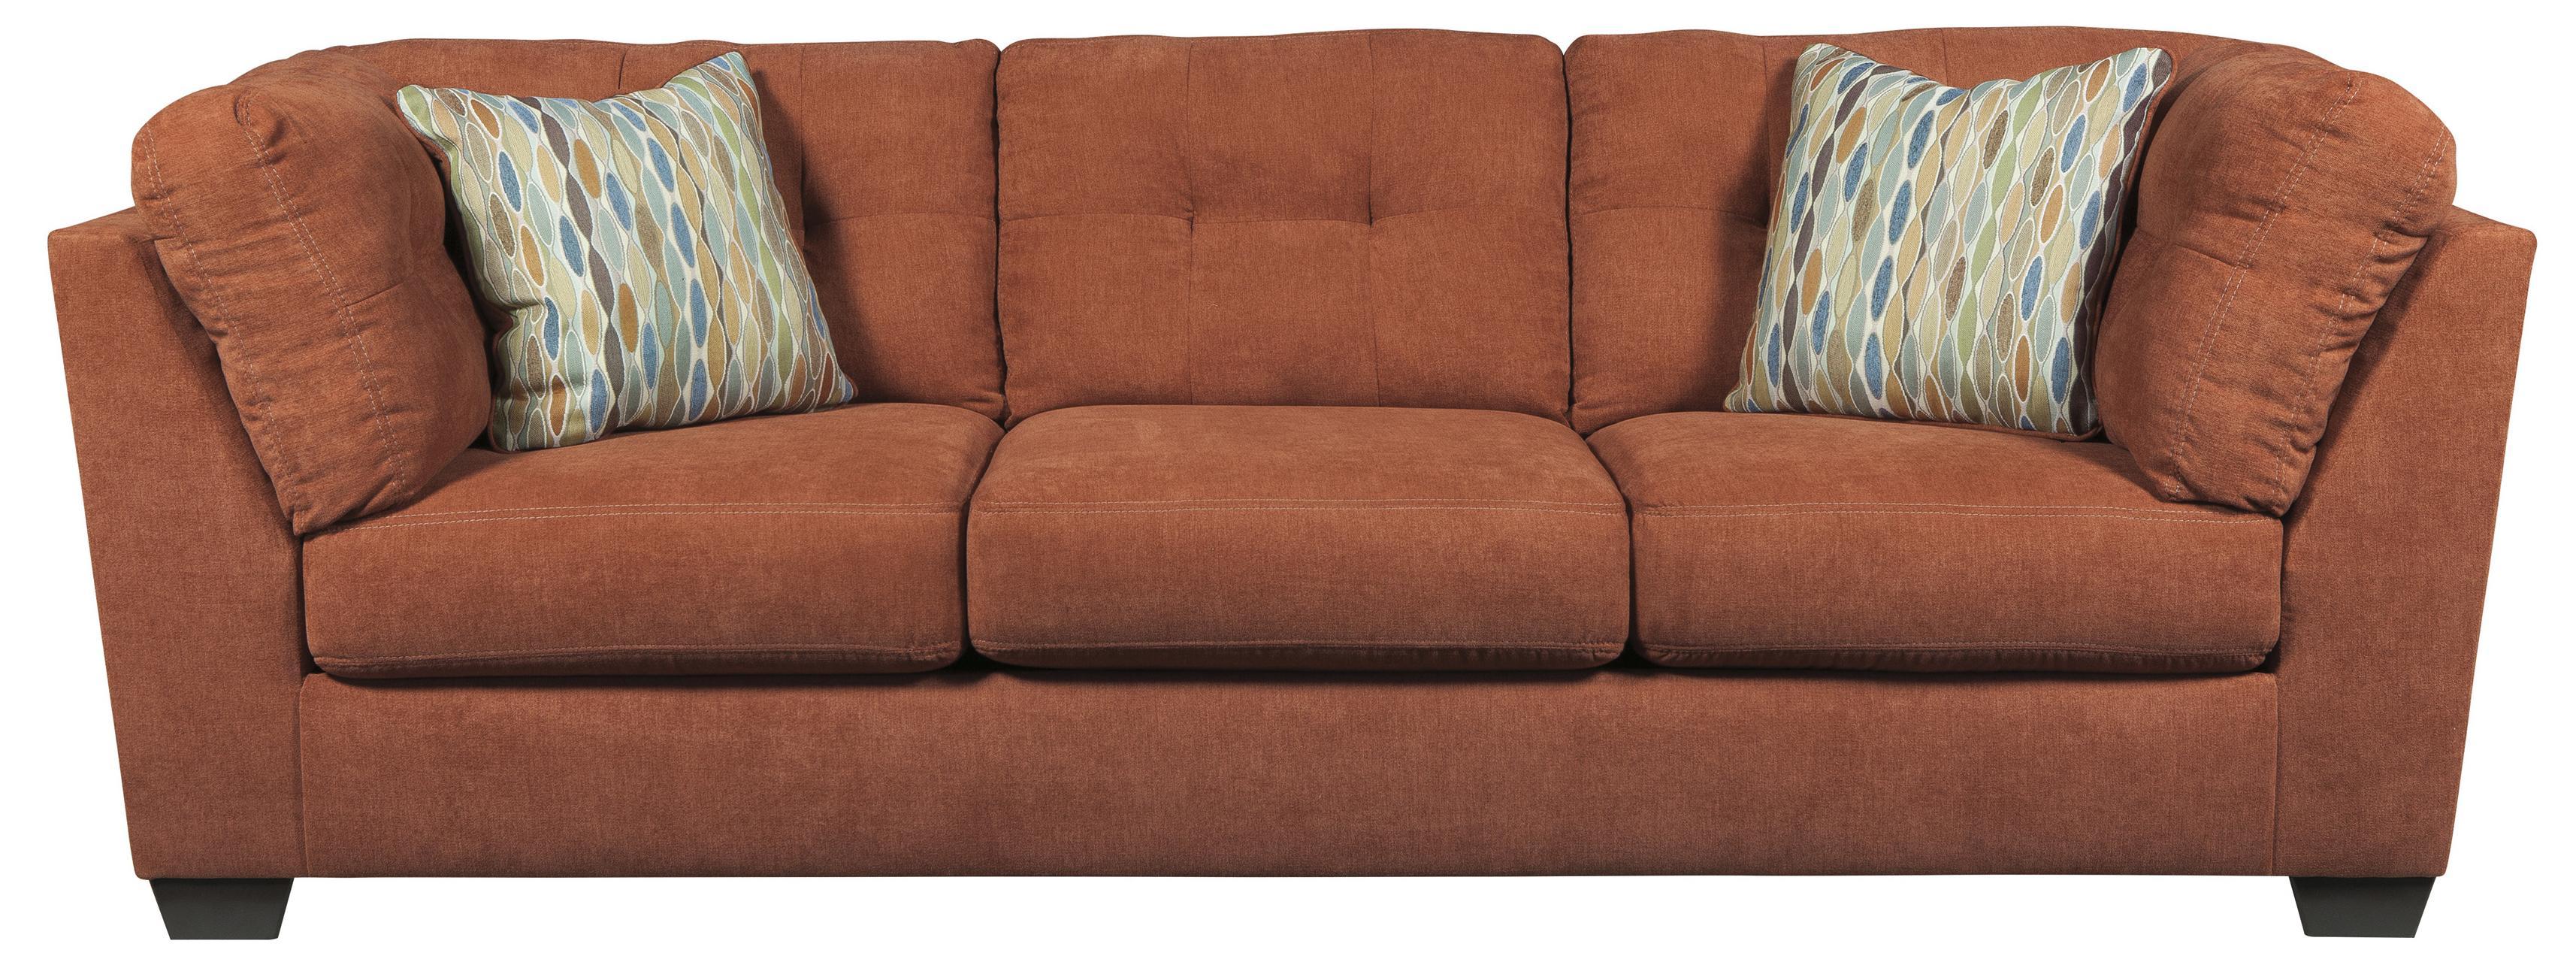 Benchcraft Delta City - Rust Sofa - Item Number: 1970138